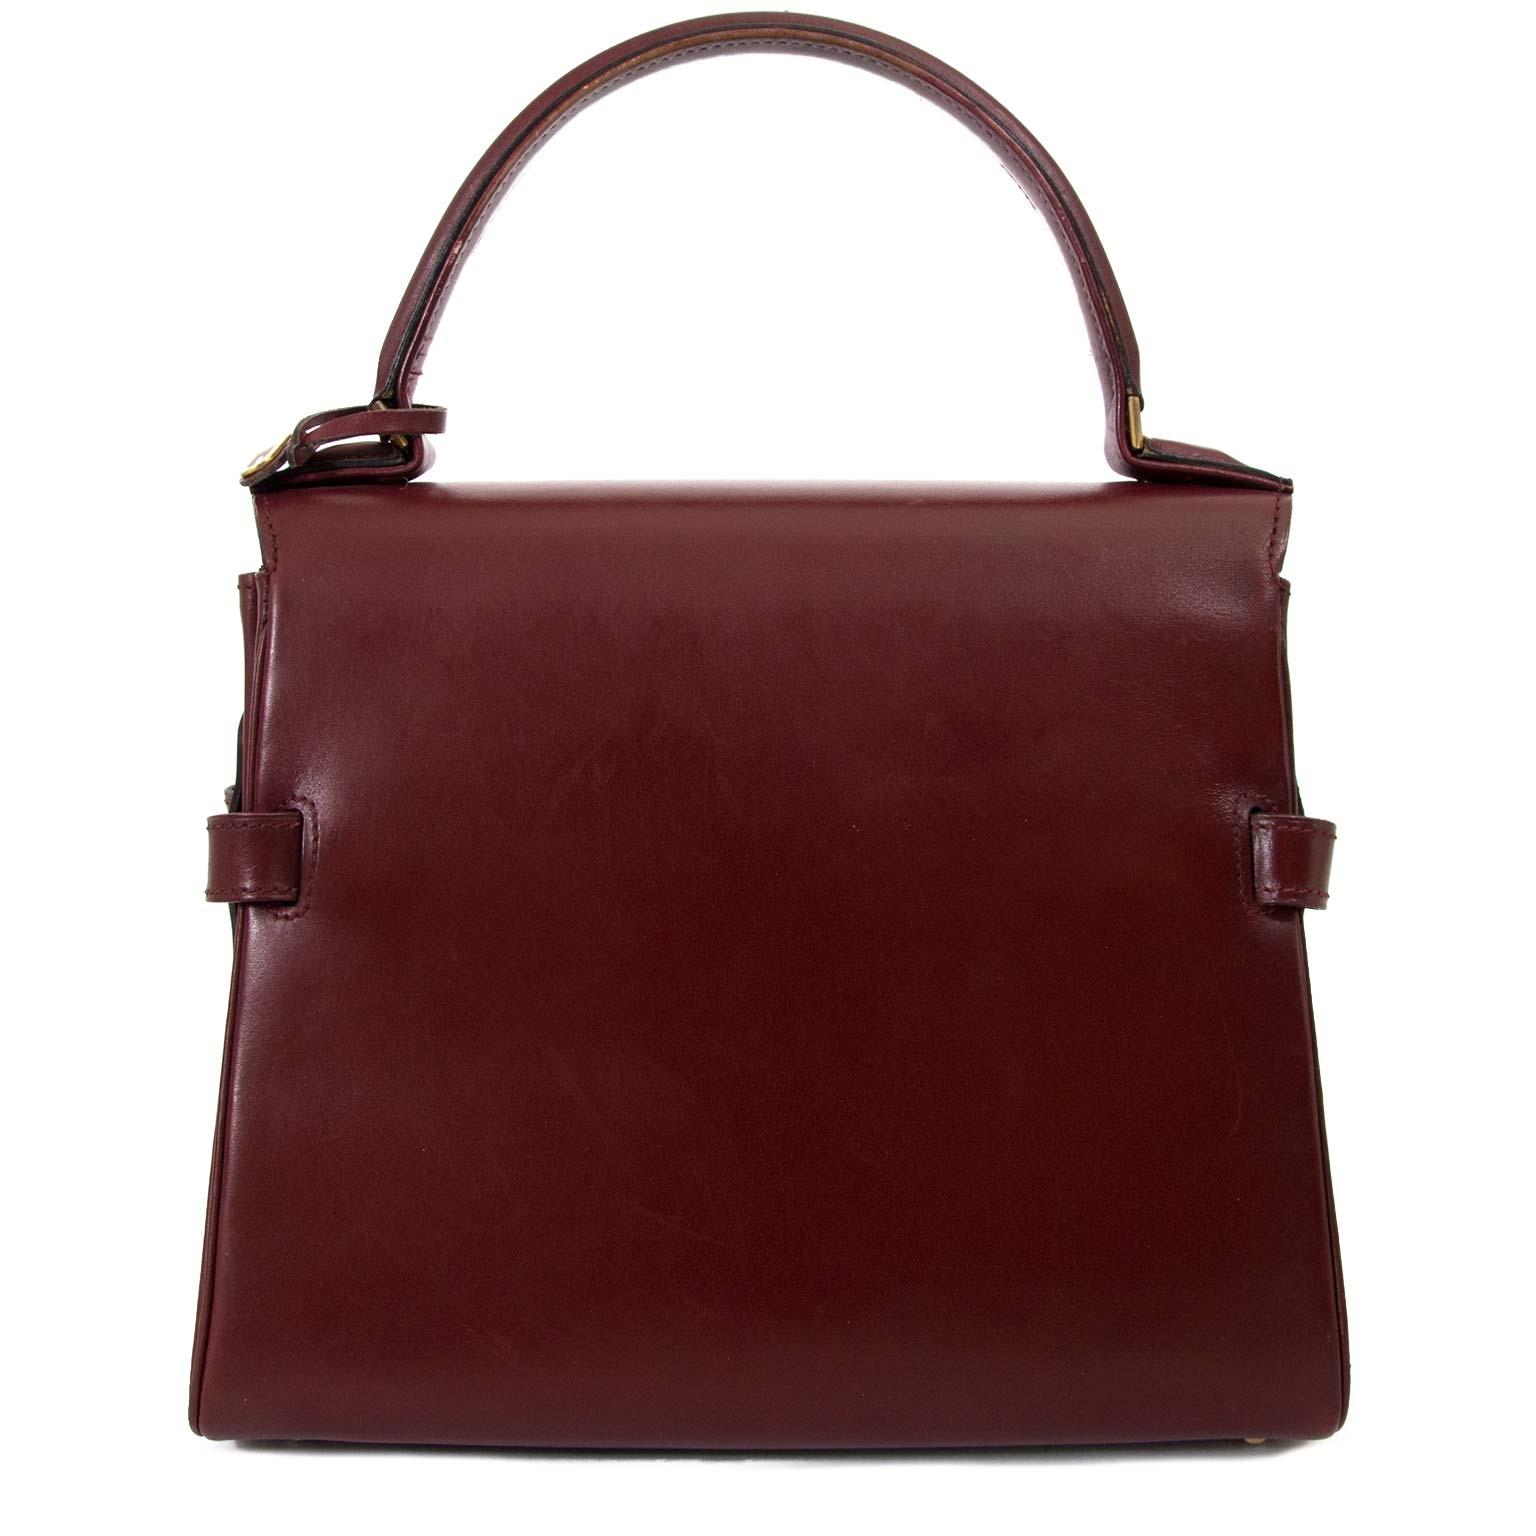 636f2d6bf3a69 ... best price at Labellov secondhand luxury in Antwerp Koop uw authentieke  designer handtassen aan de beste prijs bij Labellov · Delvaux